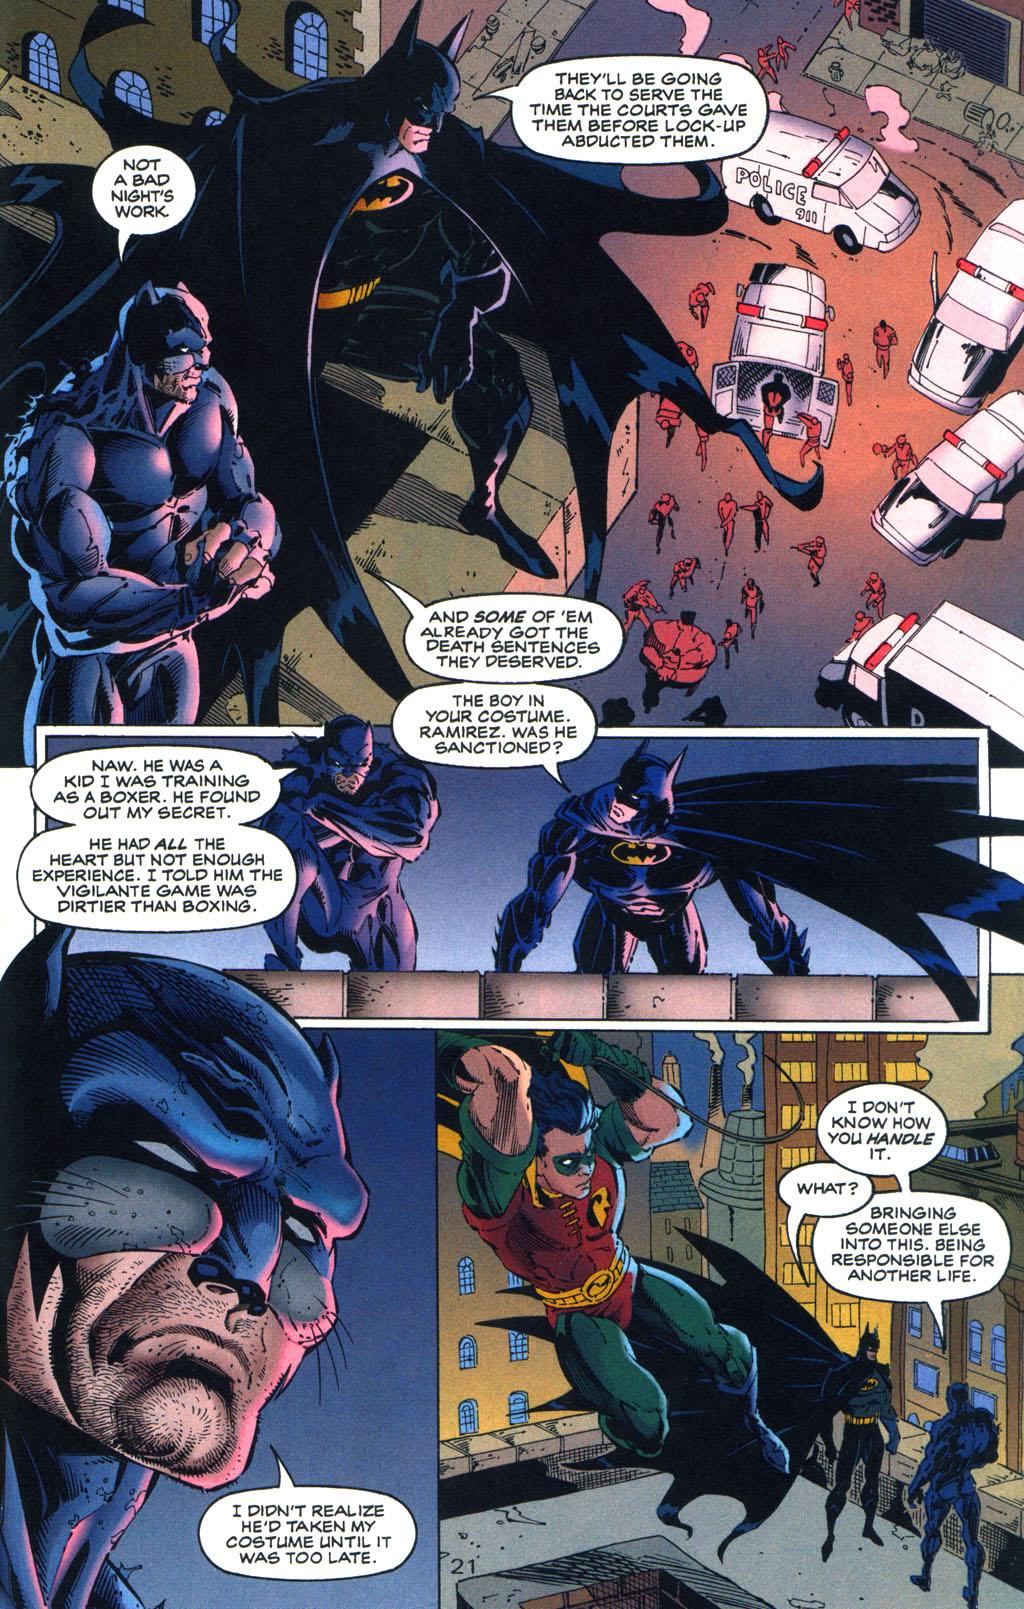 Read online Batman/Wildcat comic -  Issue #3 - 21